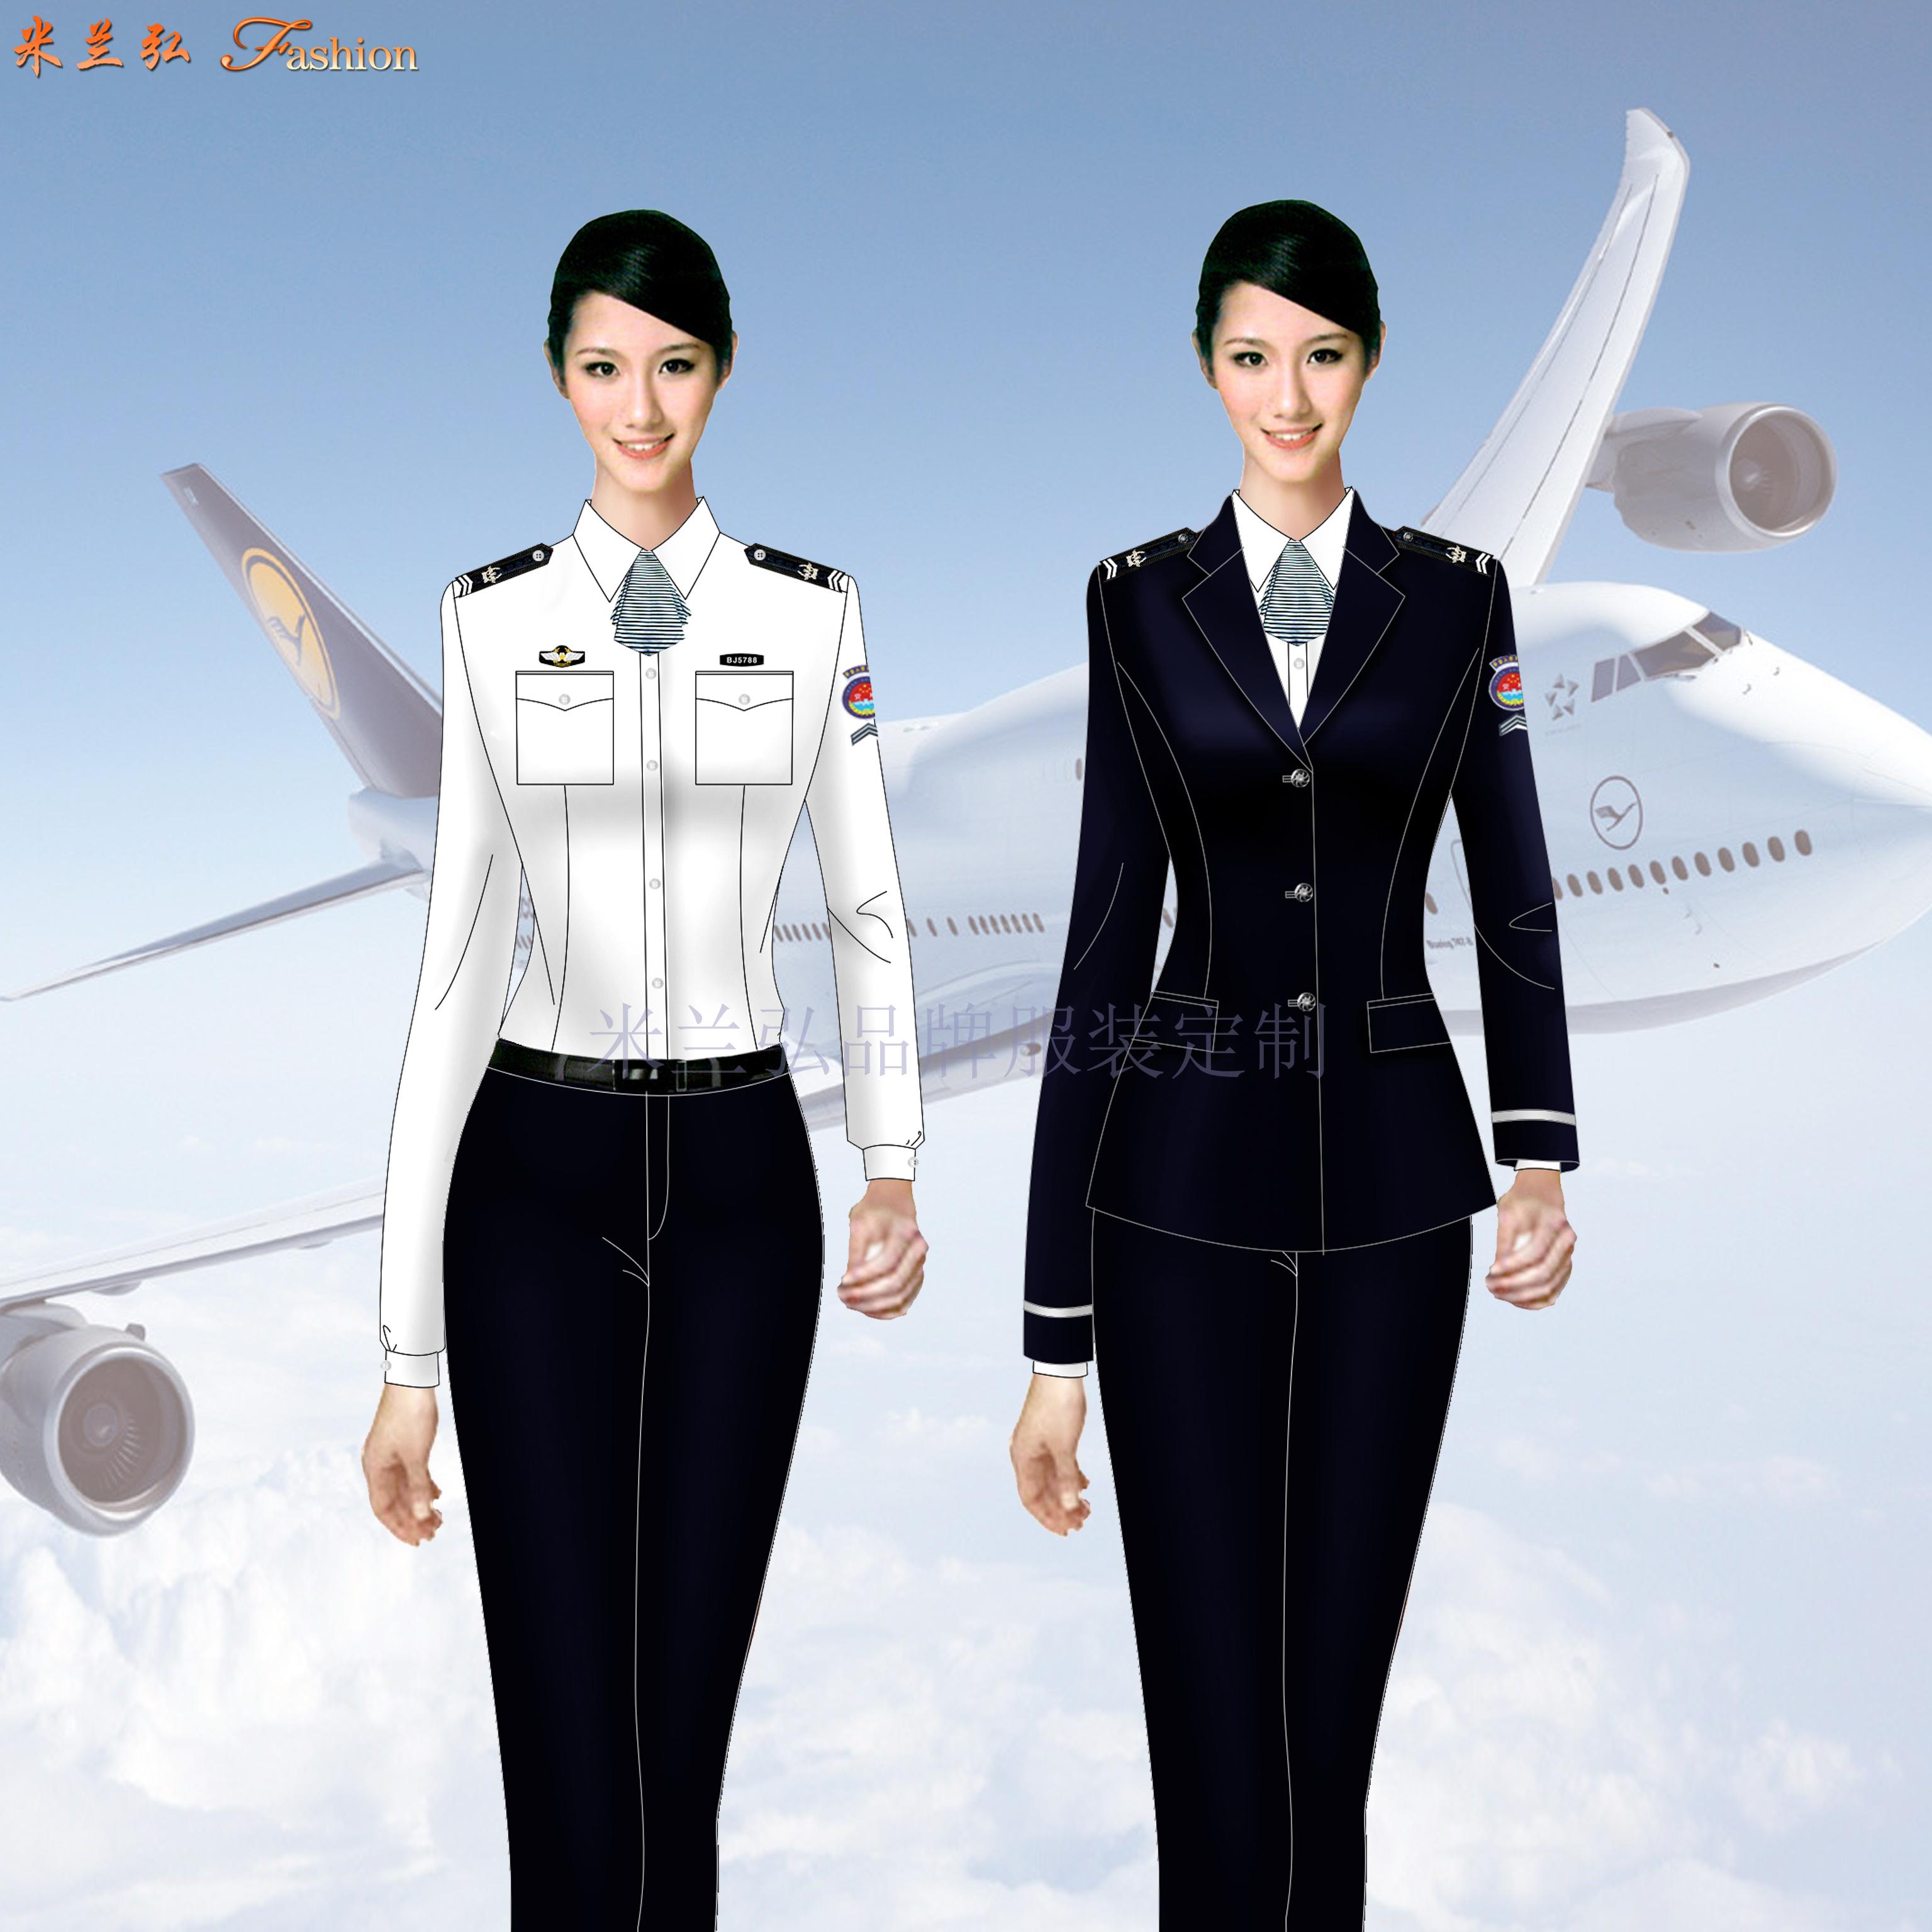 「安檢服定制」「機場安檢服定做」「航空安檢服訂制」-2